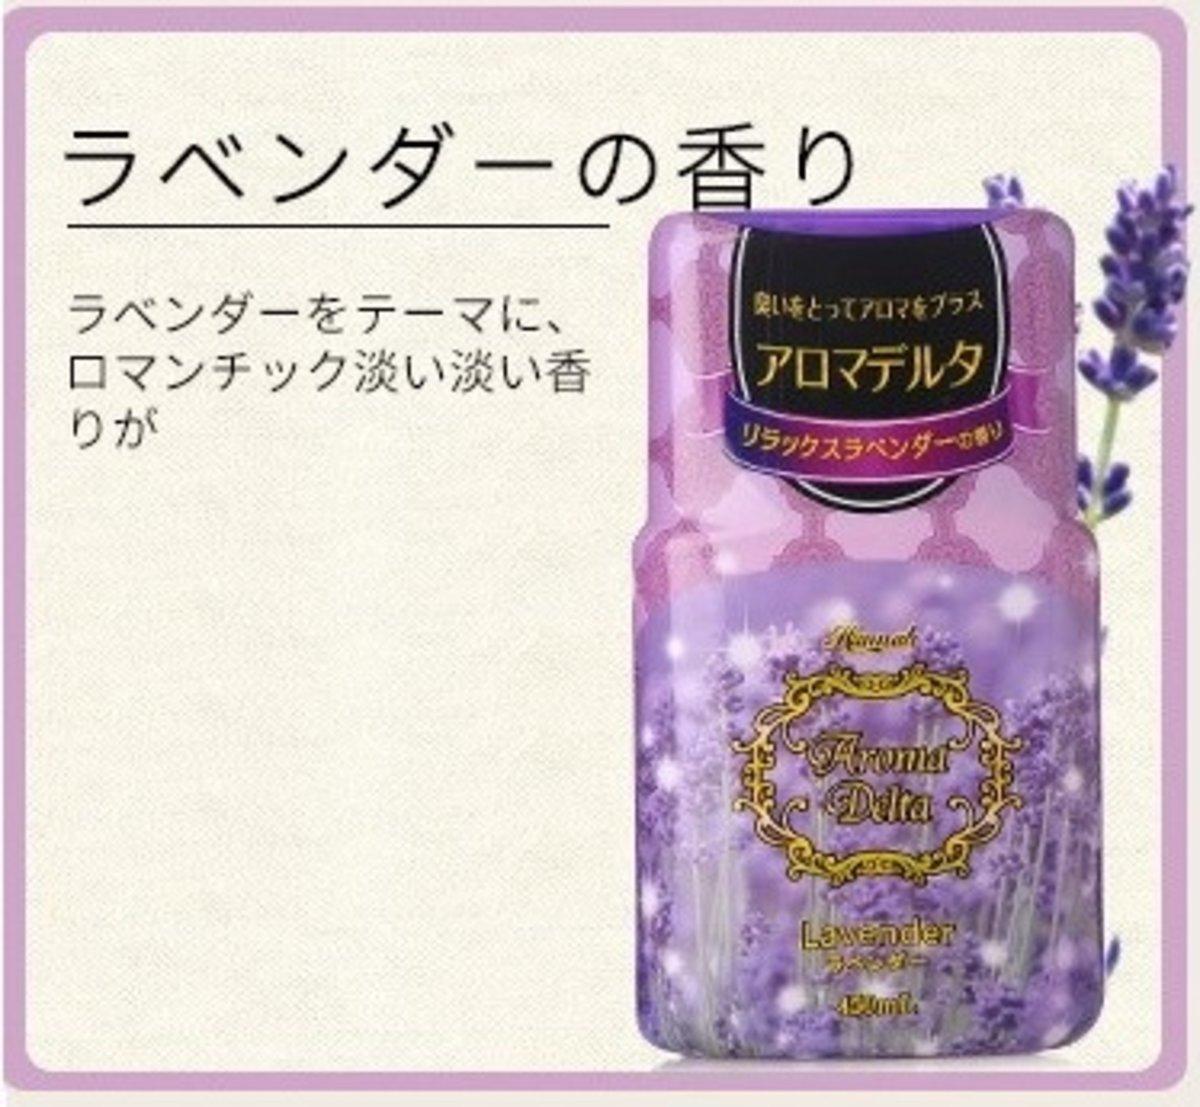 Air Freshner - Lavender